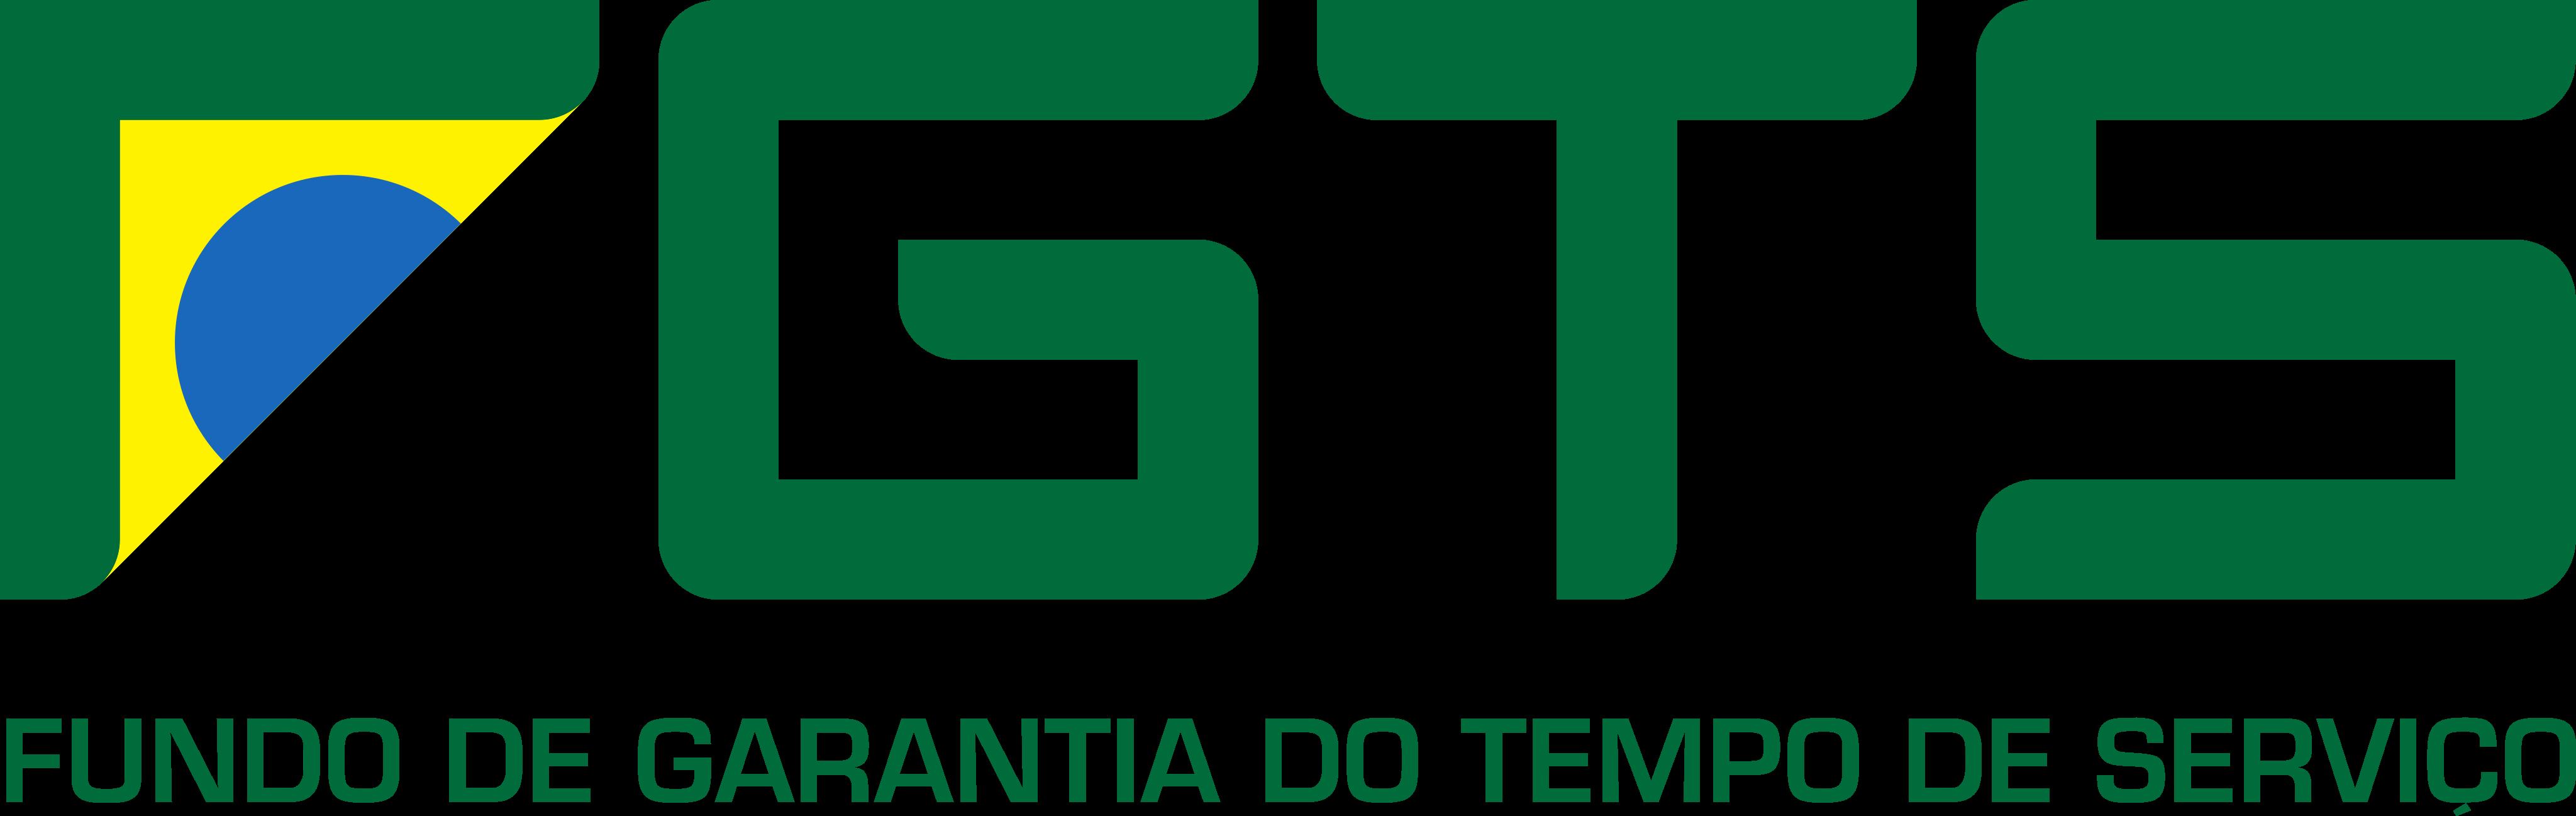 fgts logo 1 - FGTS Logo